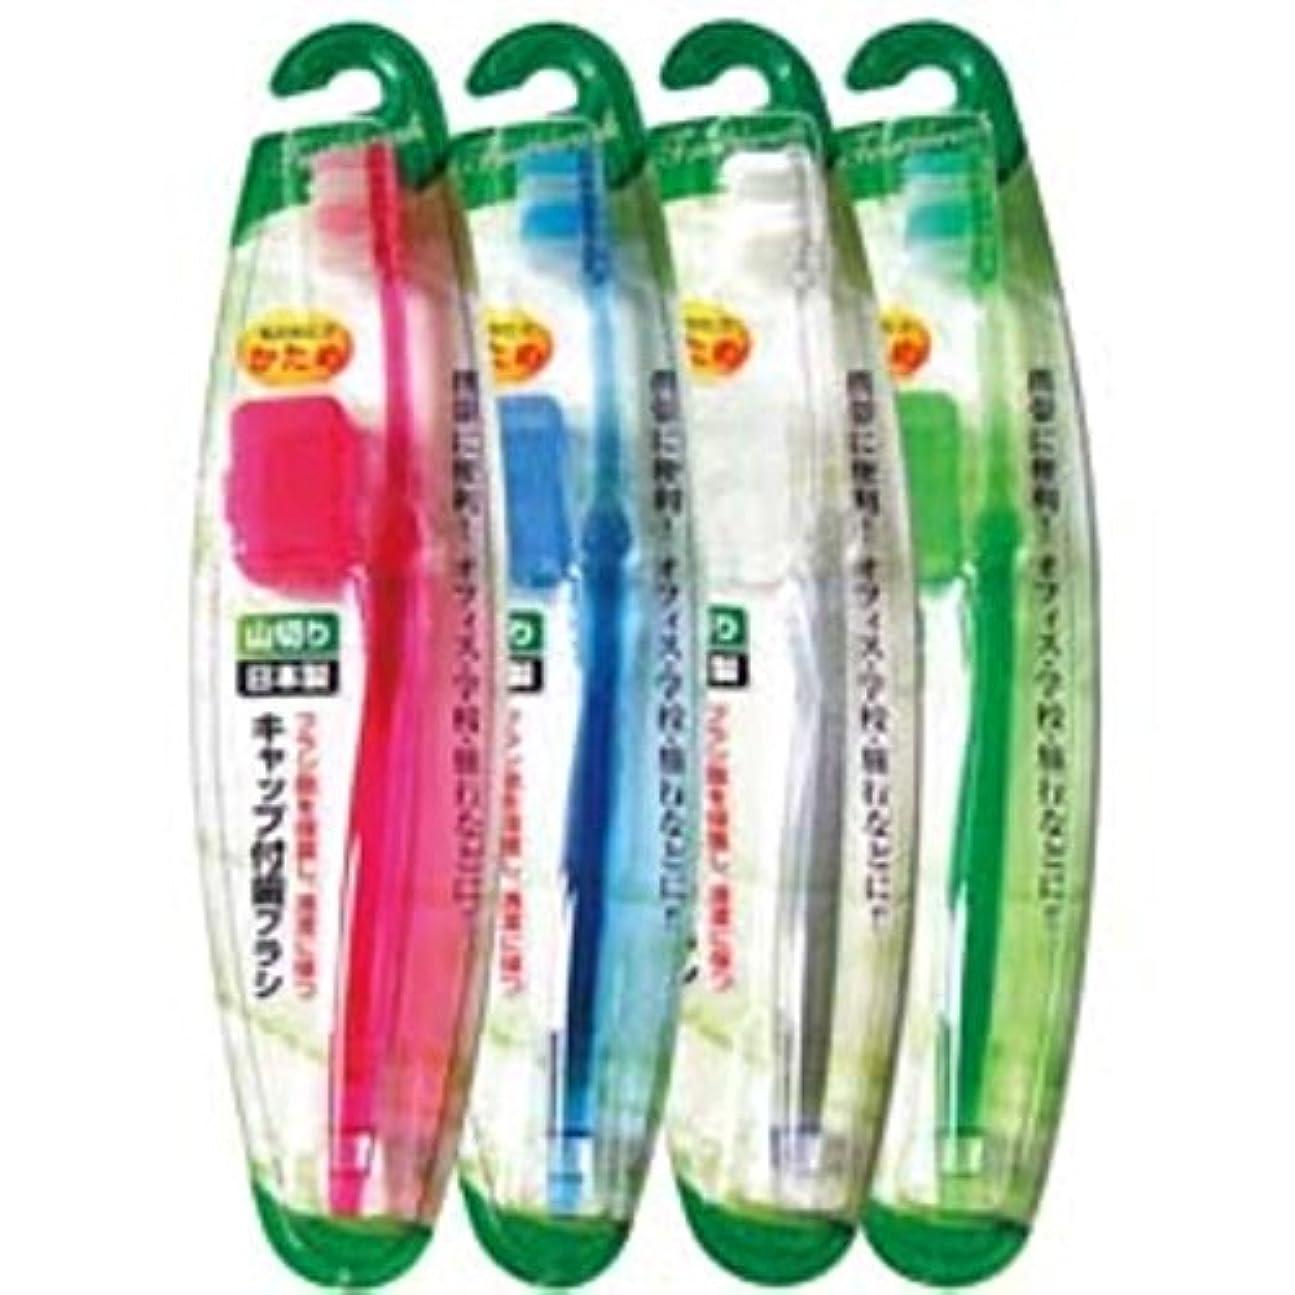 カウントピットボードキャップ付歯ブラシ山切りカット(かため)日本製 japan 【まとめ買い12個セット】 41-210